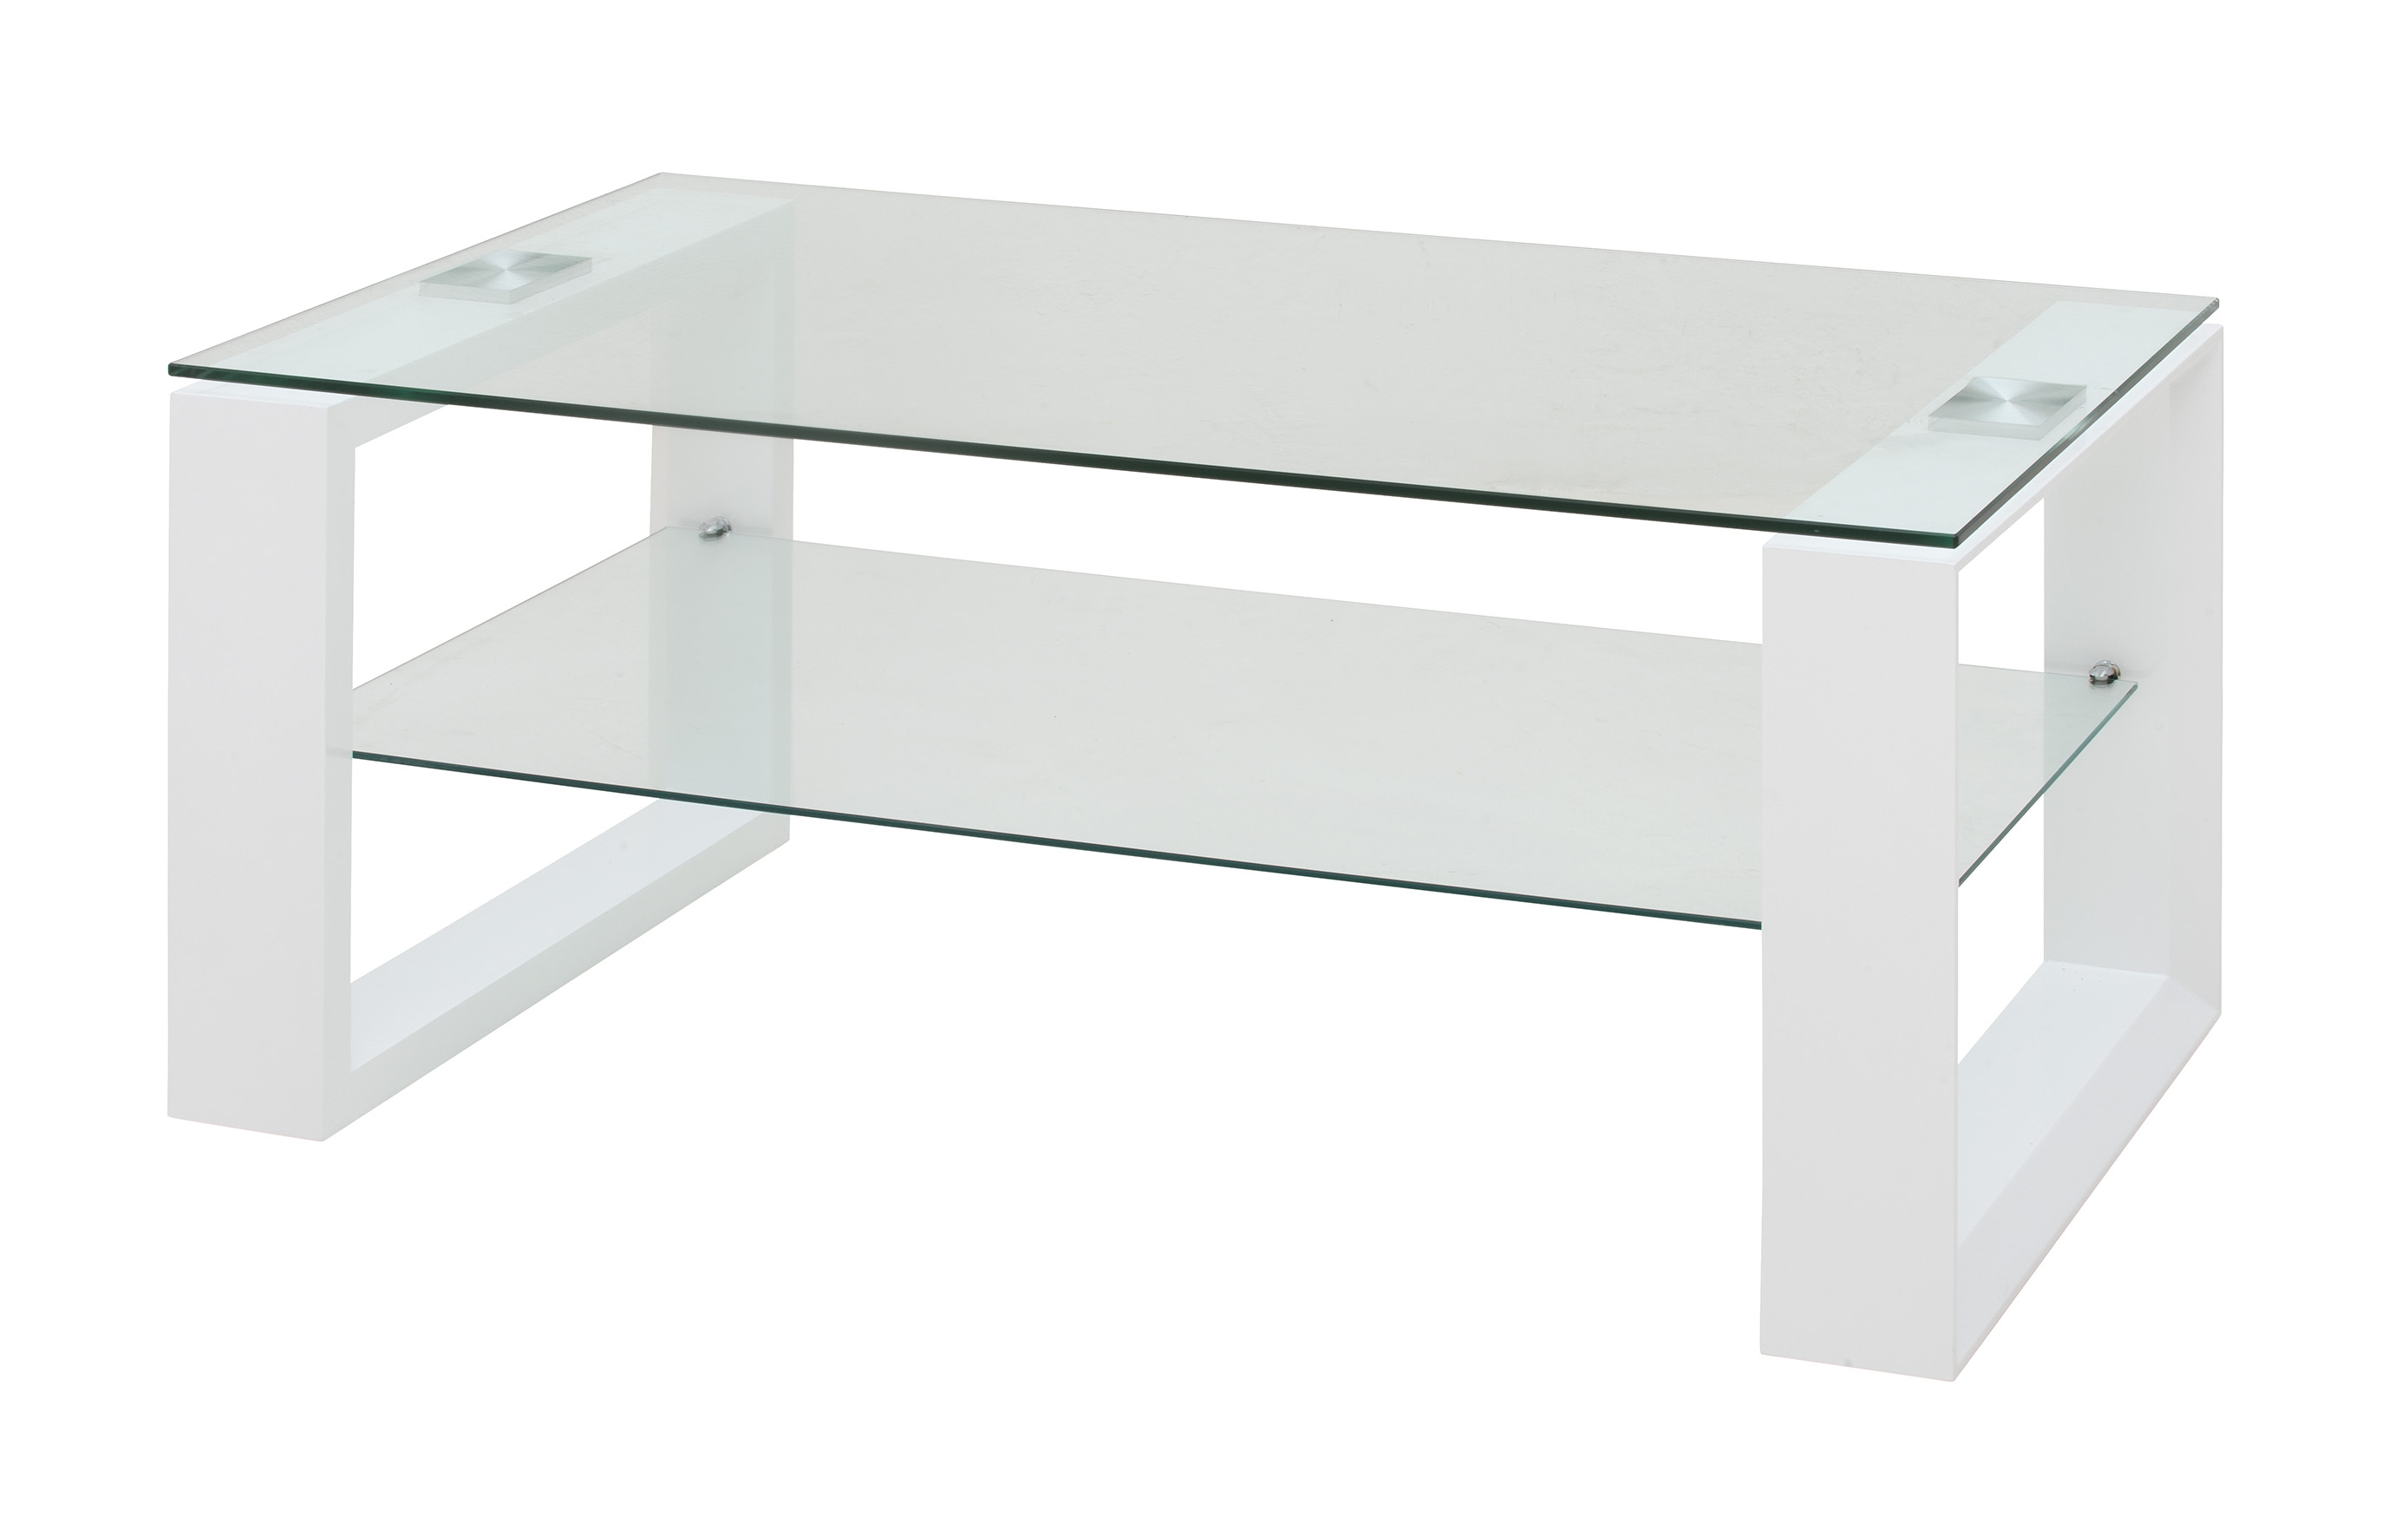 Basse Design Et Verre Bois Blanc Laqué Loudvika Table DHE29IW